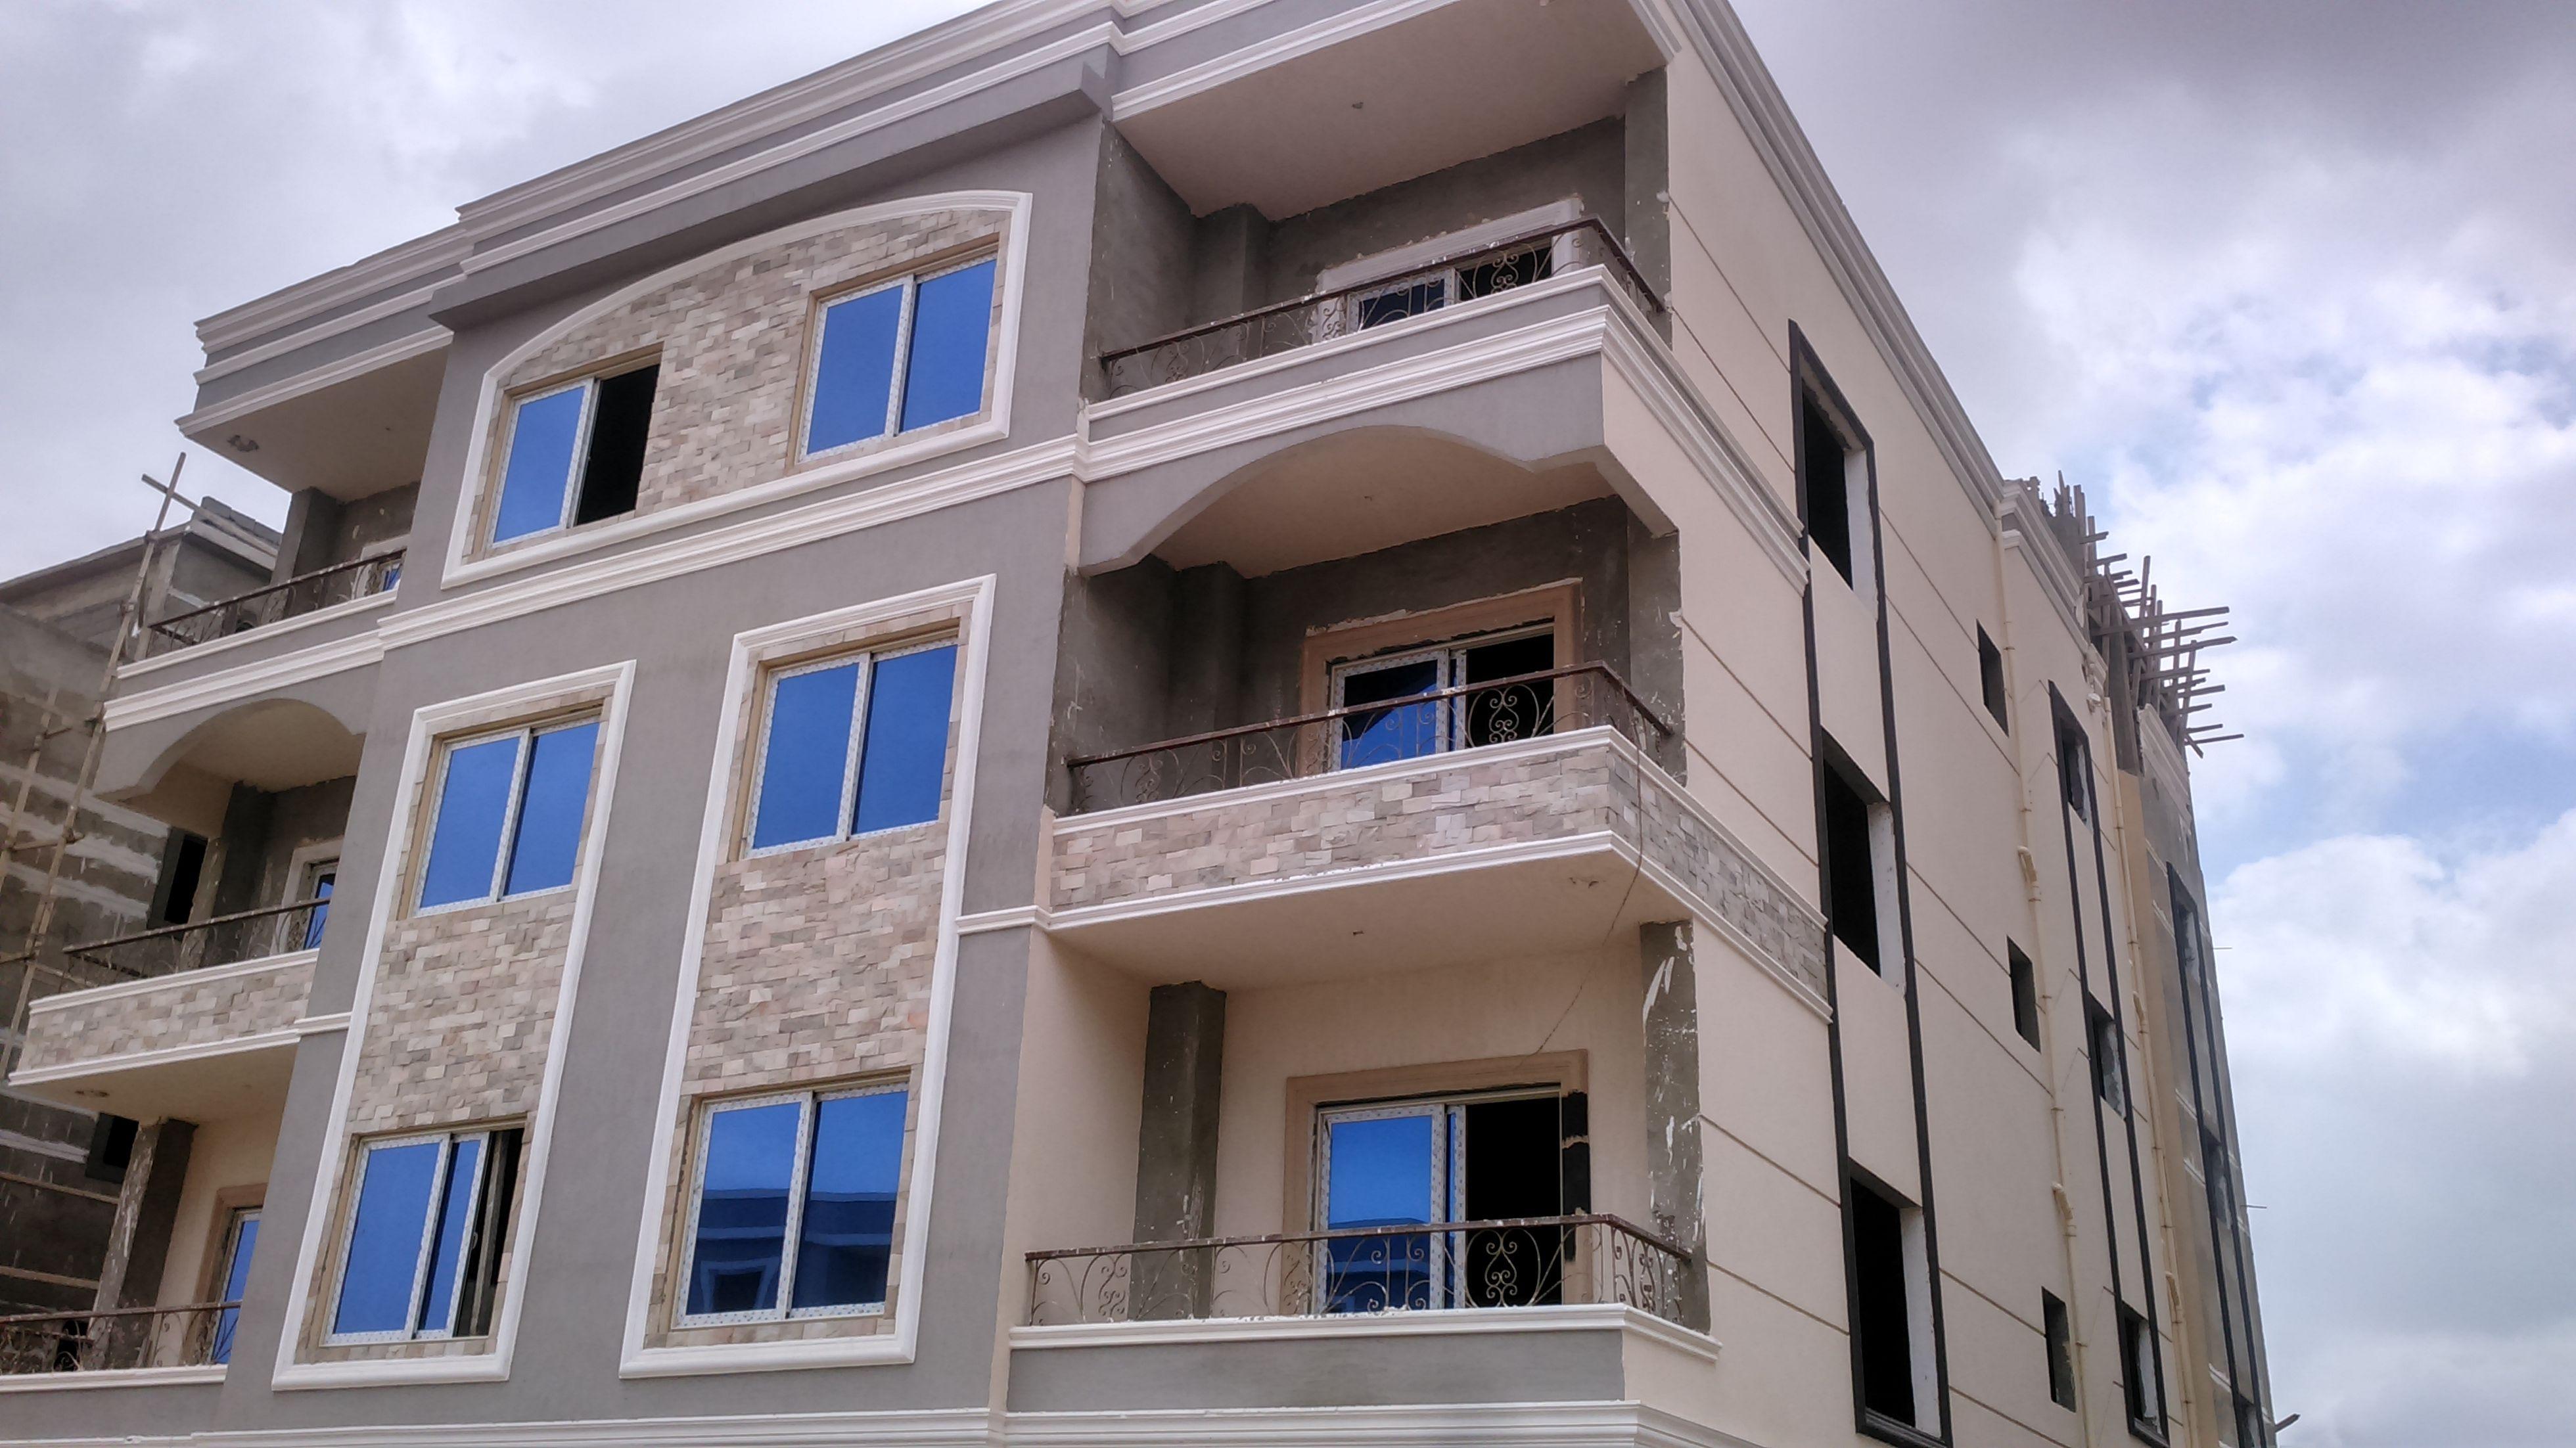 شقق للبيع بالتقسيط 172 متر للبيع في التجمع الخامس بموقع ممتاز داخل كومبوند بجانب الجامعة الامريكية و قسط علي 5 س Apartments For Sale House Styles Real Estate